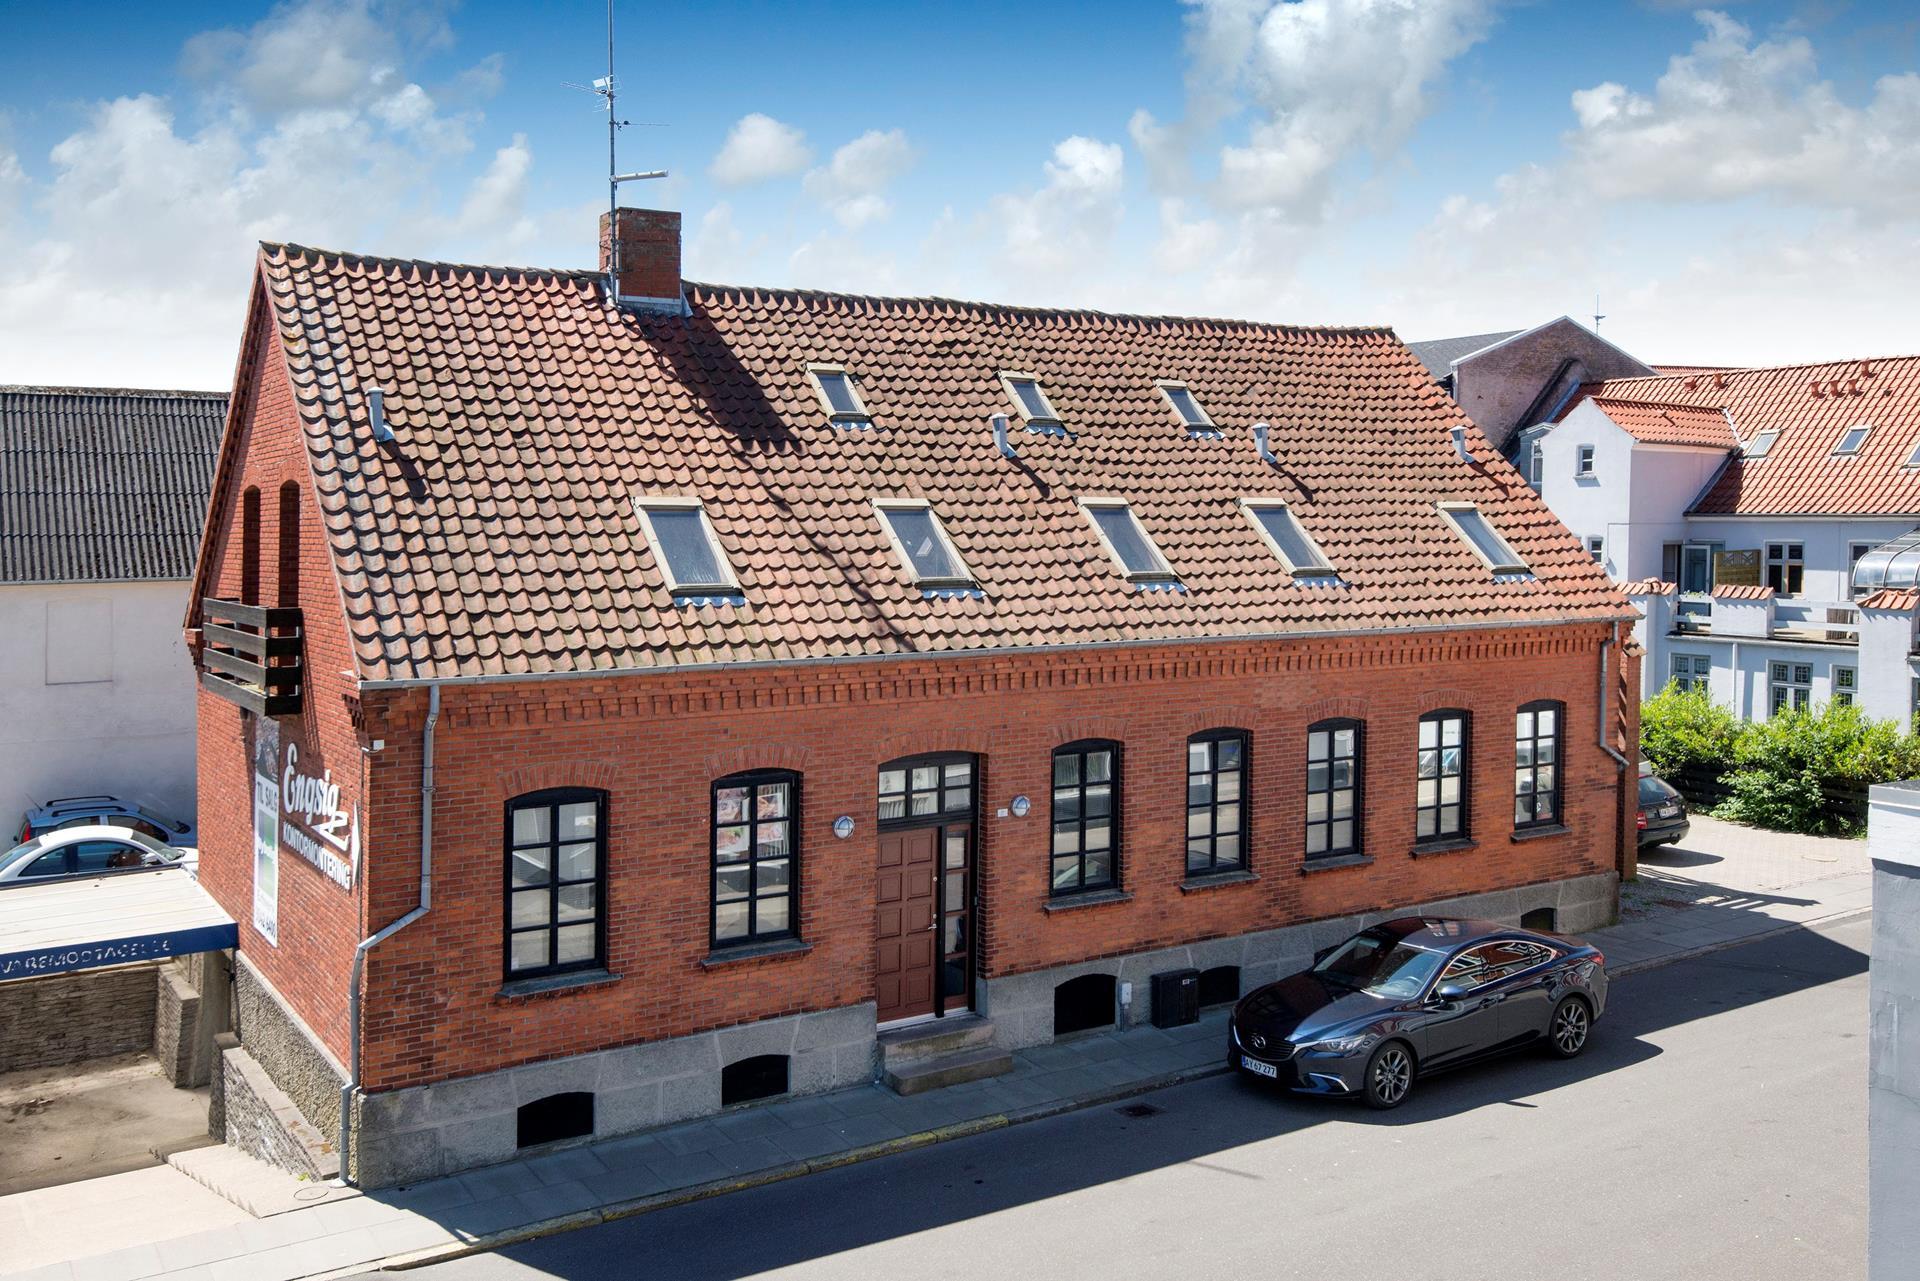 Bolig/erhverv på Kirkegade i Frederikshavn - Andet